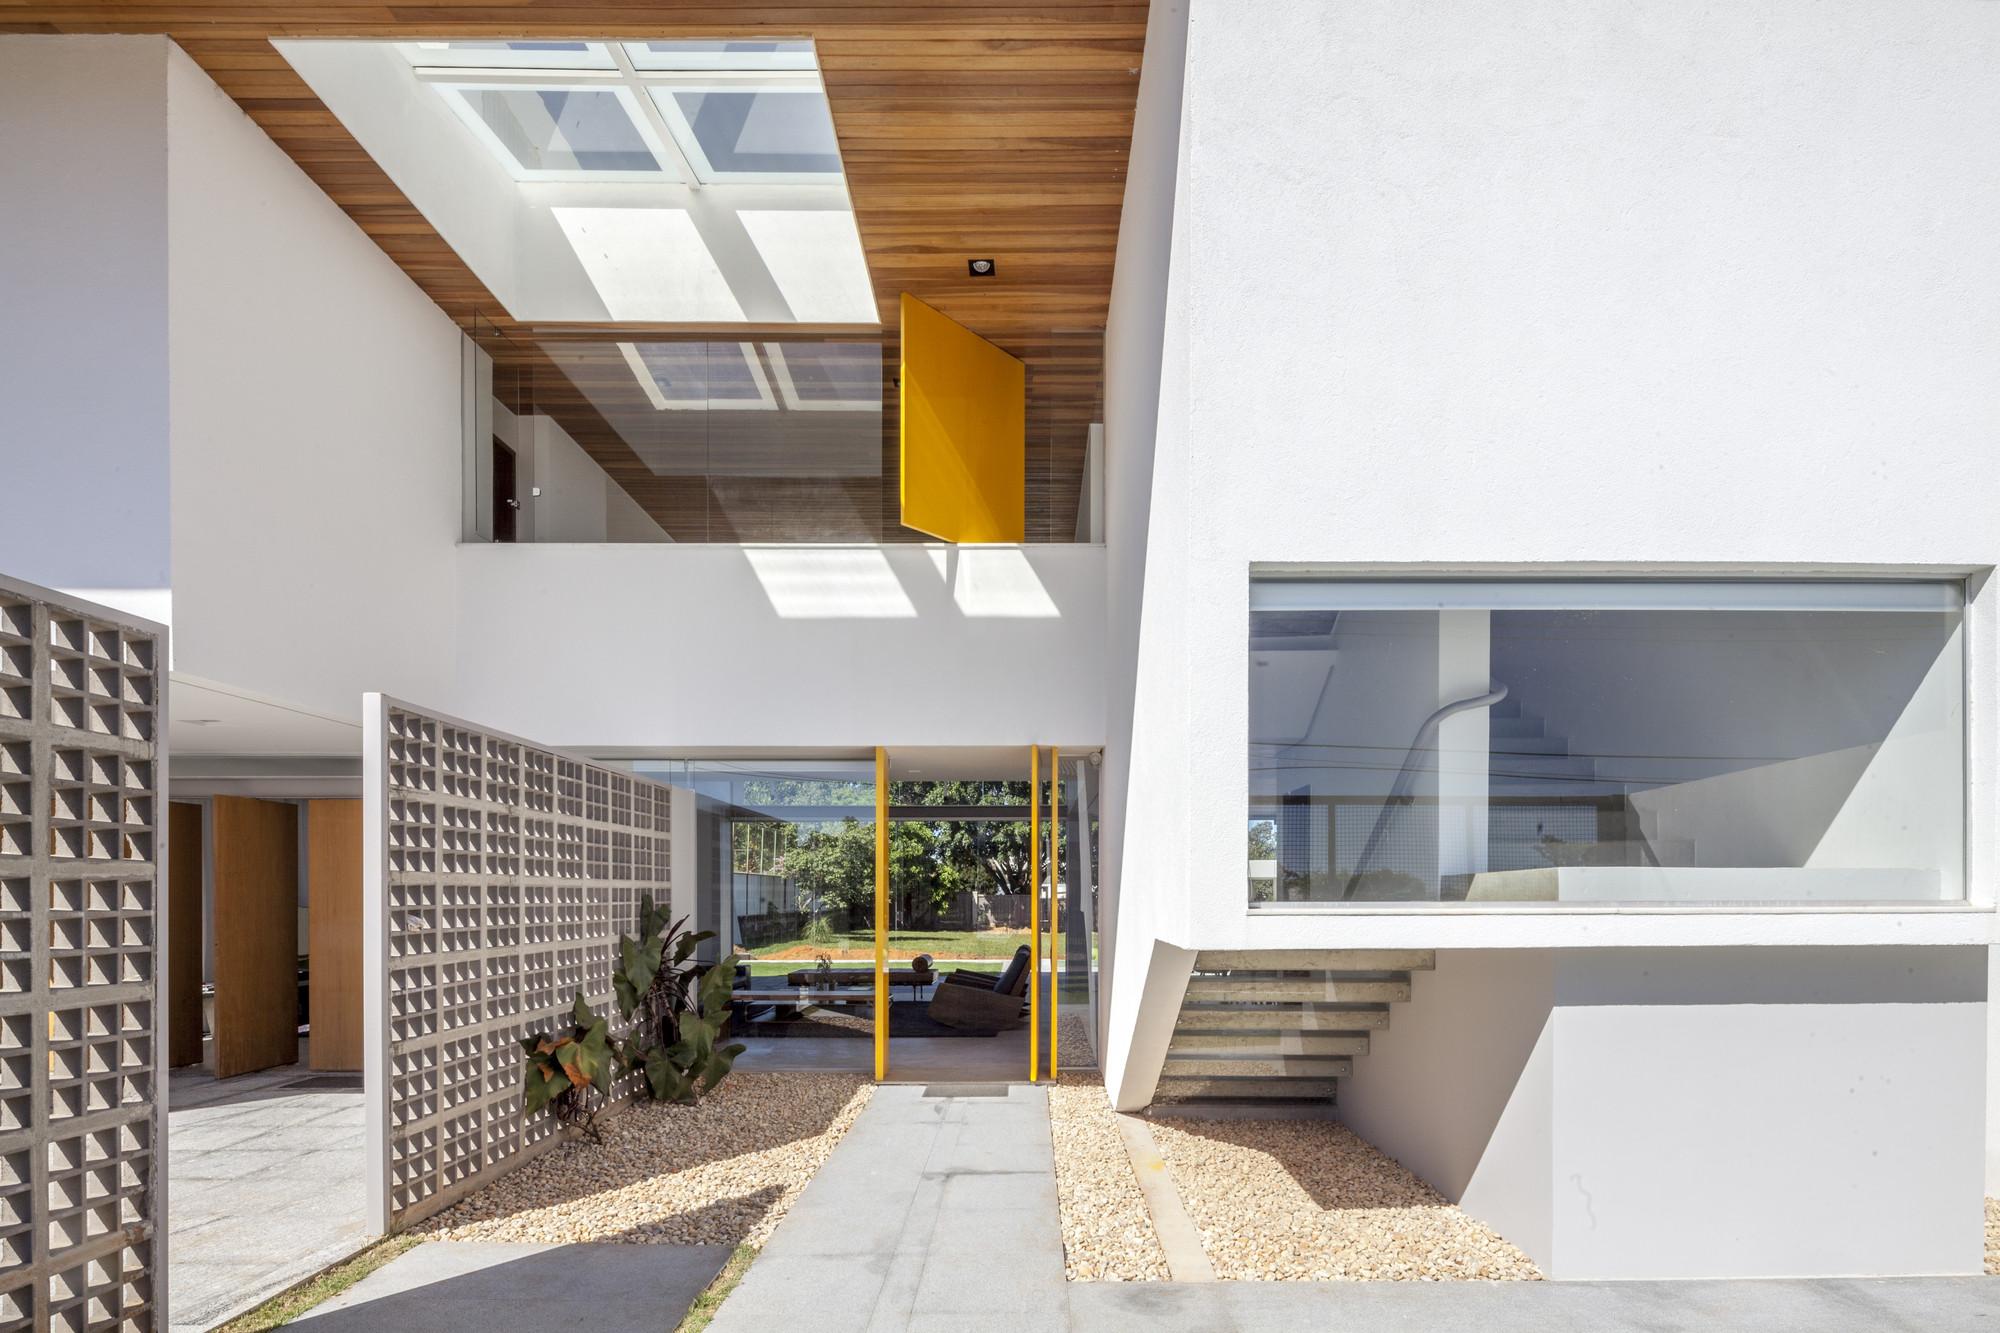 Vivienda Linhares-Dias / BLOCO Arquitetos